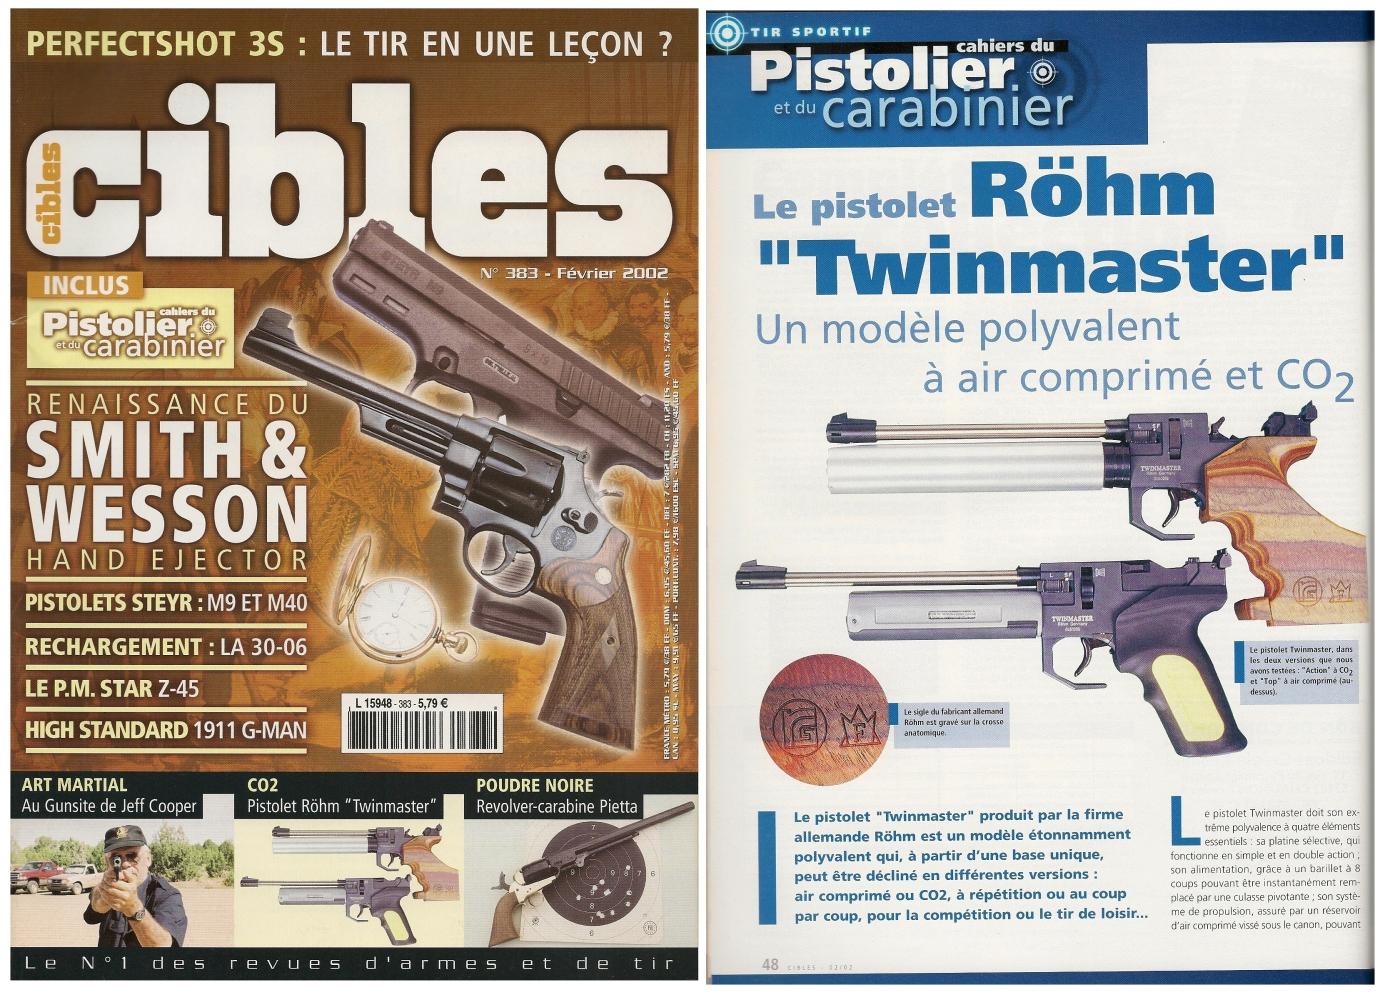 Le banc d'essai du pistolet Röhm Twinmaster a été publié sur 3 pages ½ dans le magazine Cibles n°383 (février 2002)